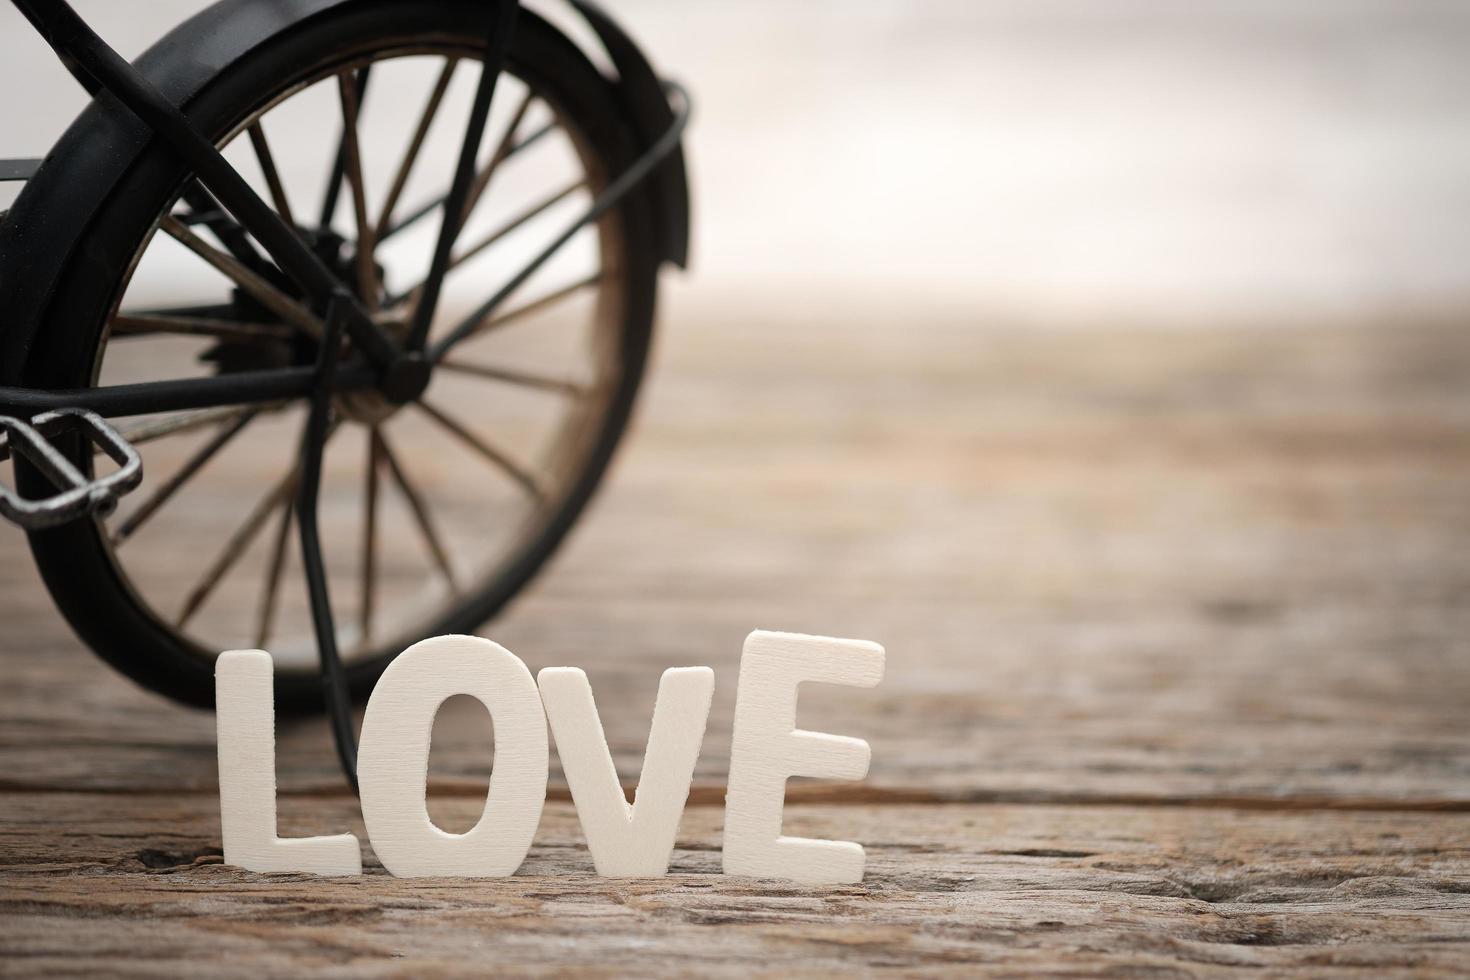 lettere d'amore e bici giocattolo foto